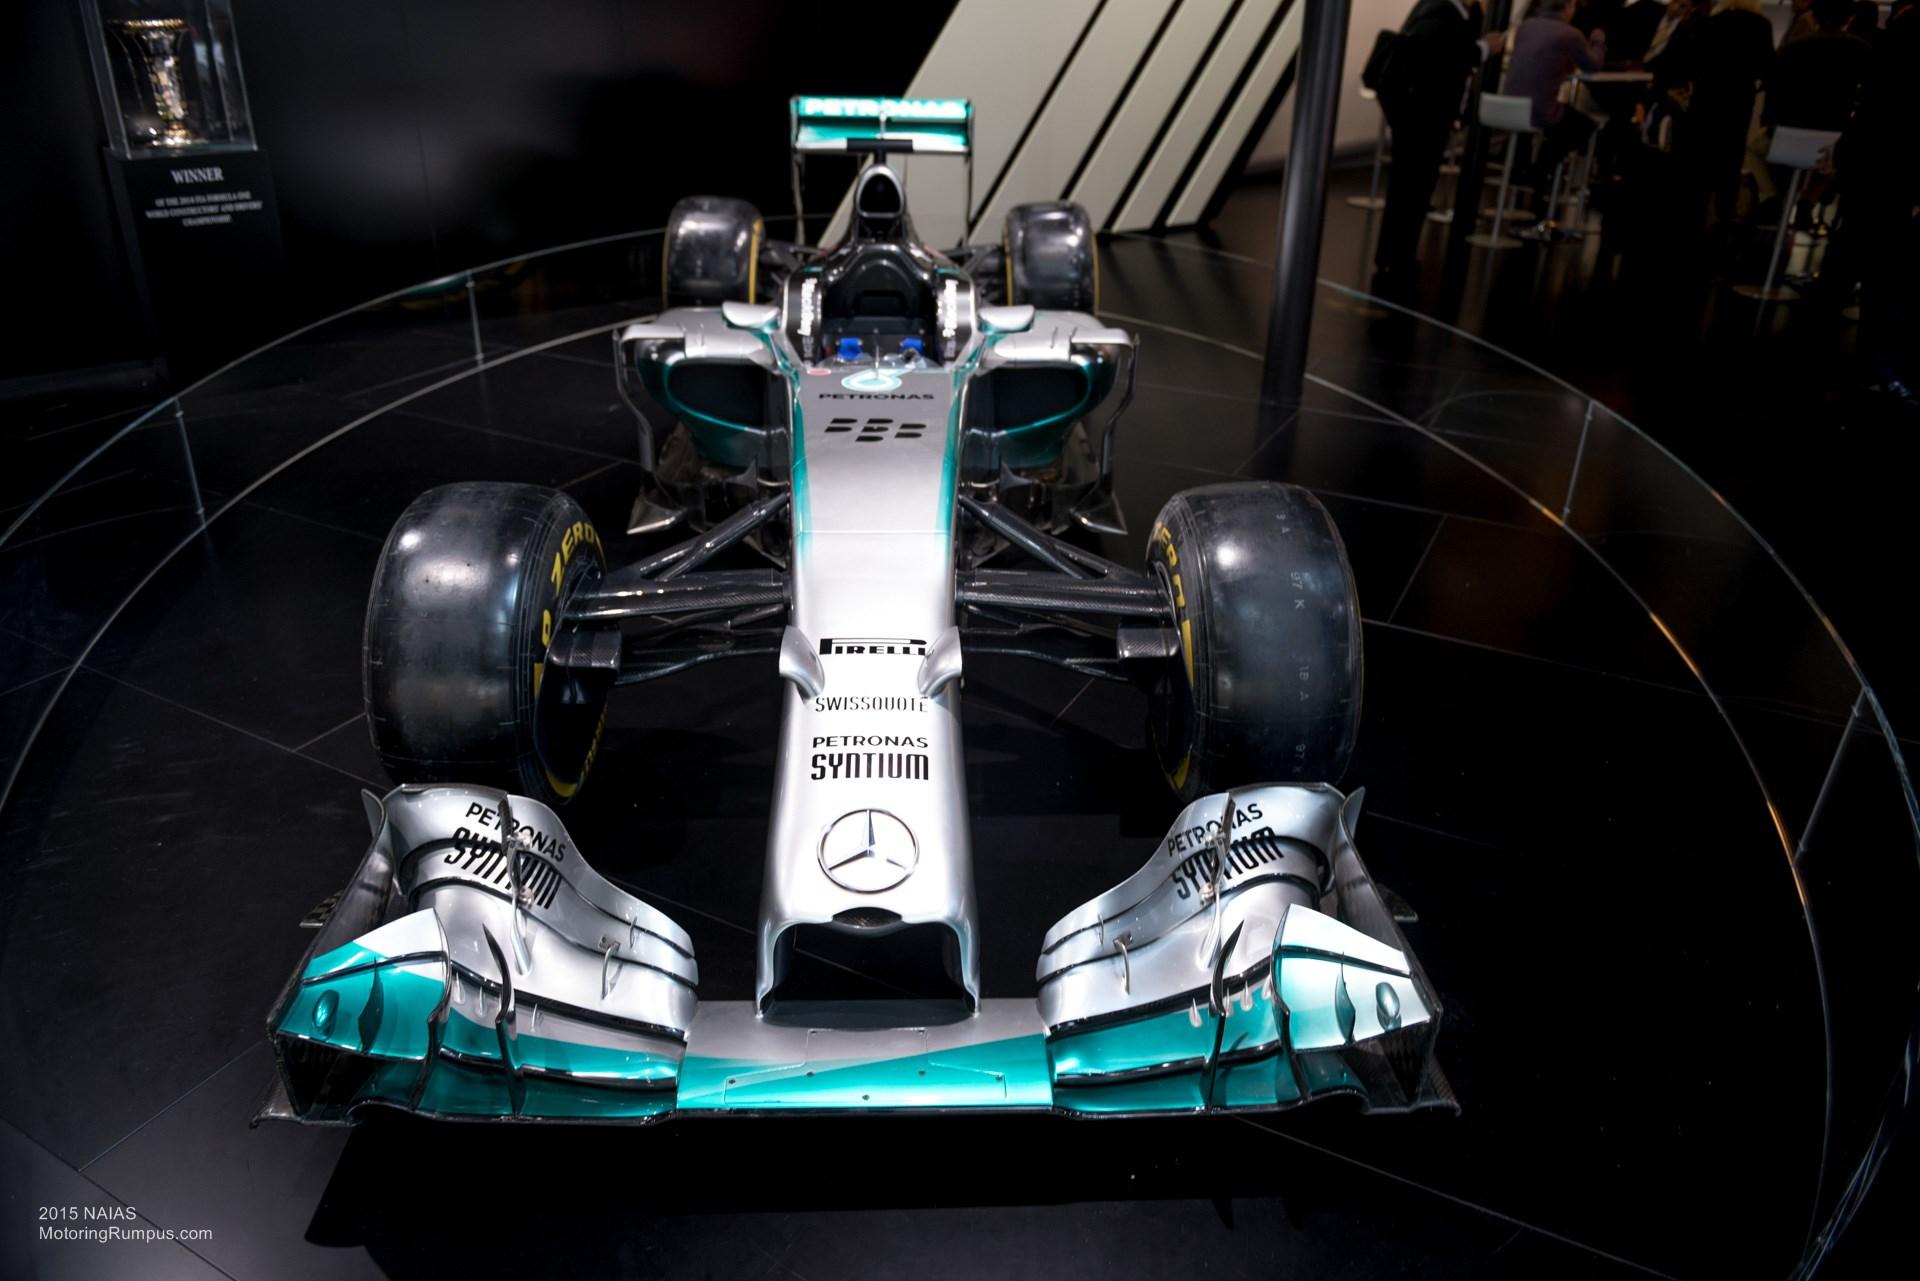 2015 NAIAS Mercedes F1 Car